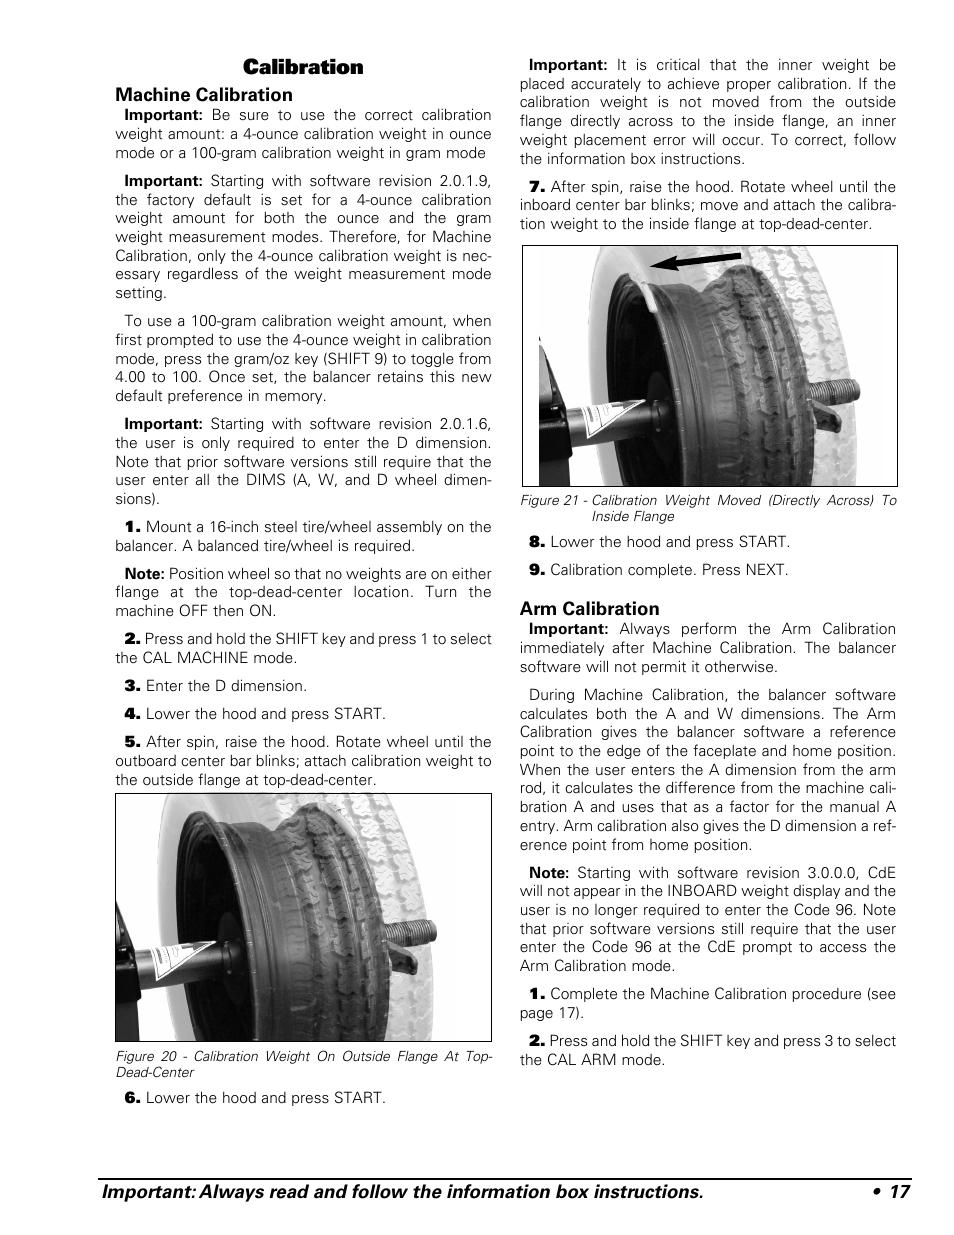 Calibration Coats 1250 Series Balancer User Manual